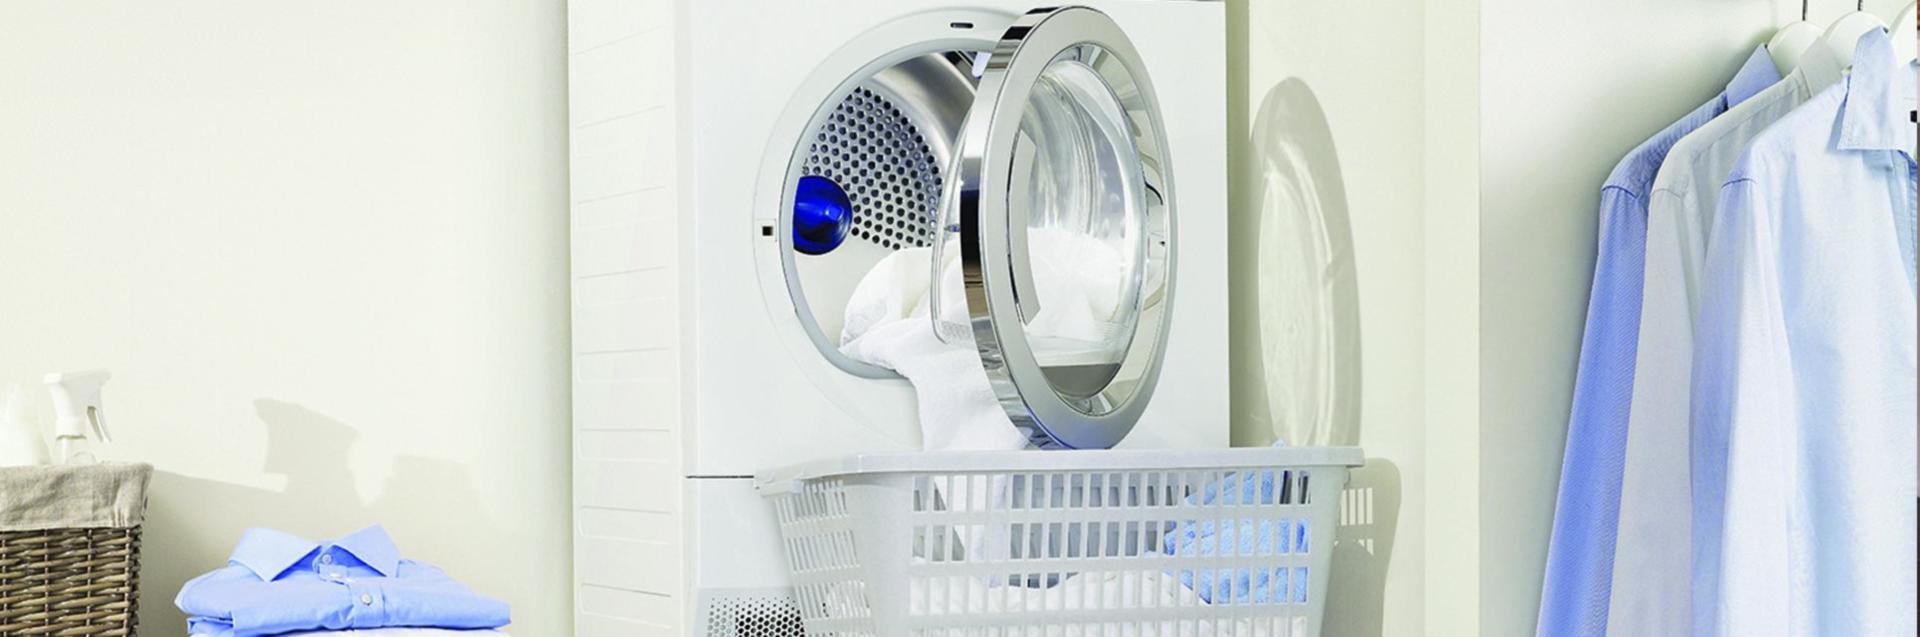 Servicio técnico secadoras aspes